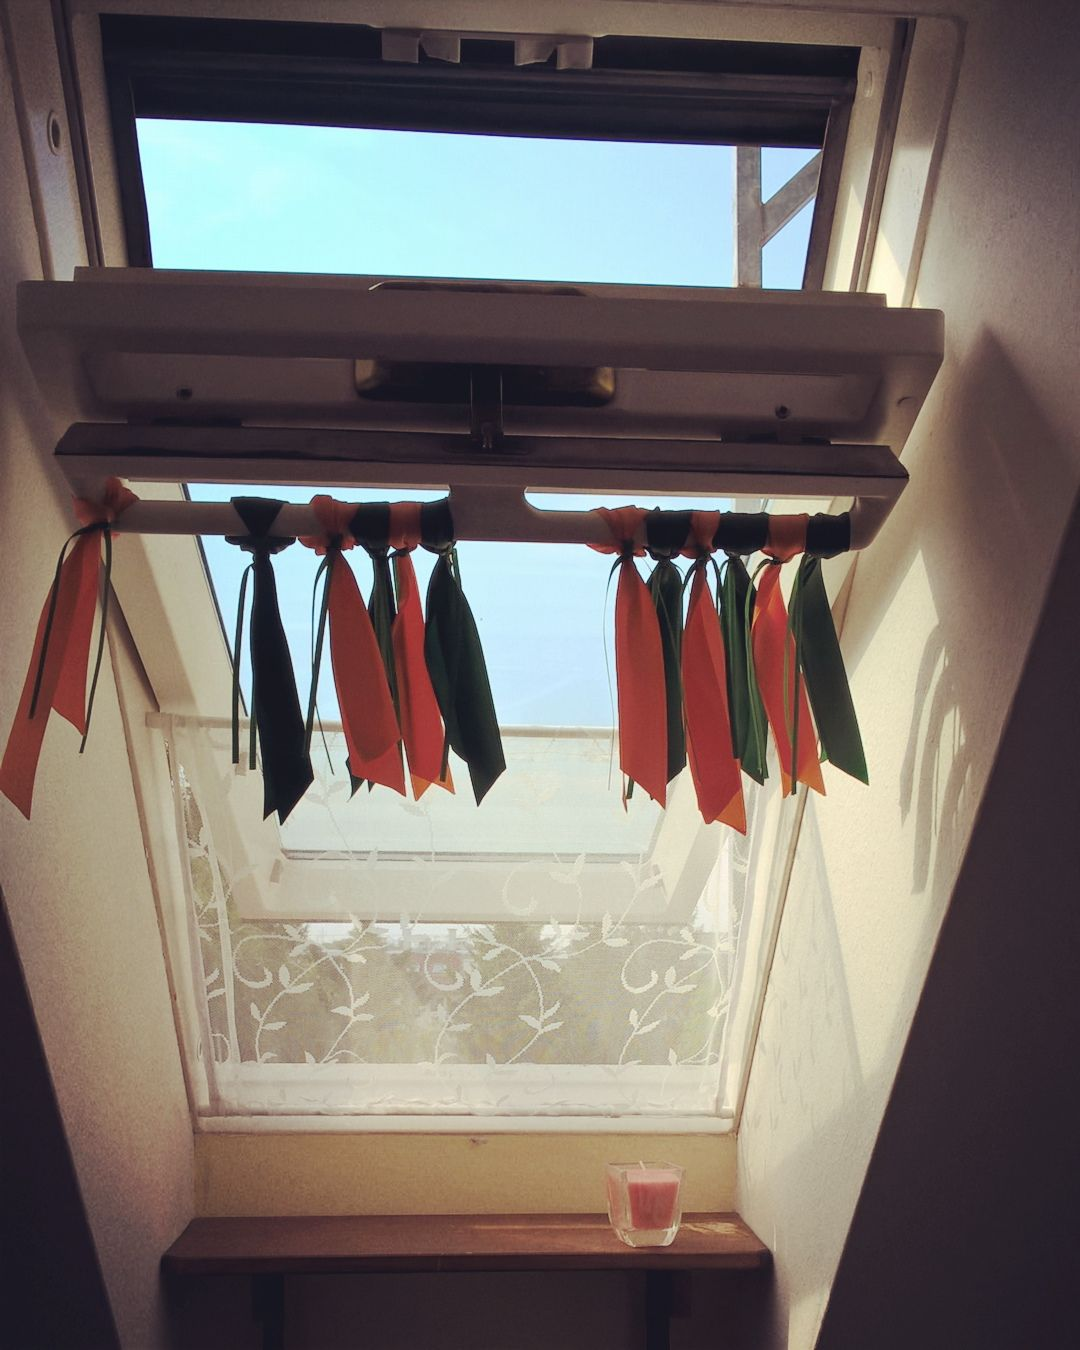 katzensicherung f r dachfenster klemmvorhangstangen und stoff nach ma zuschneiden. Black Bedroom Furniture Sets. Home Design Ideas